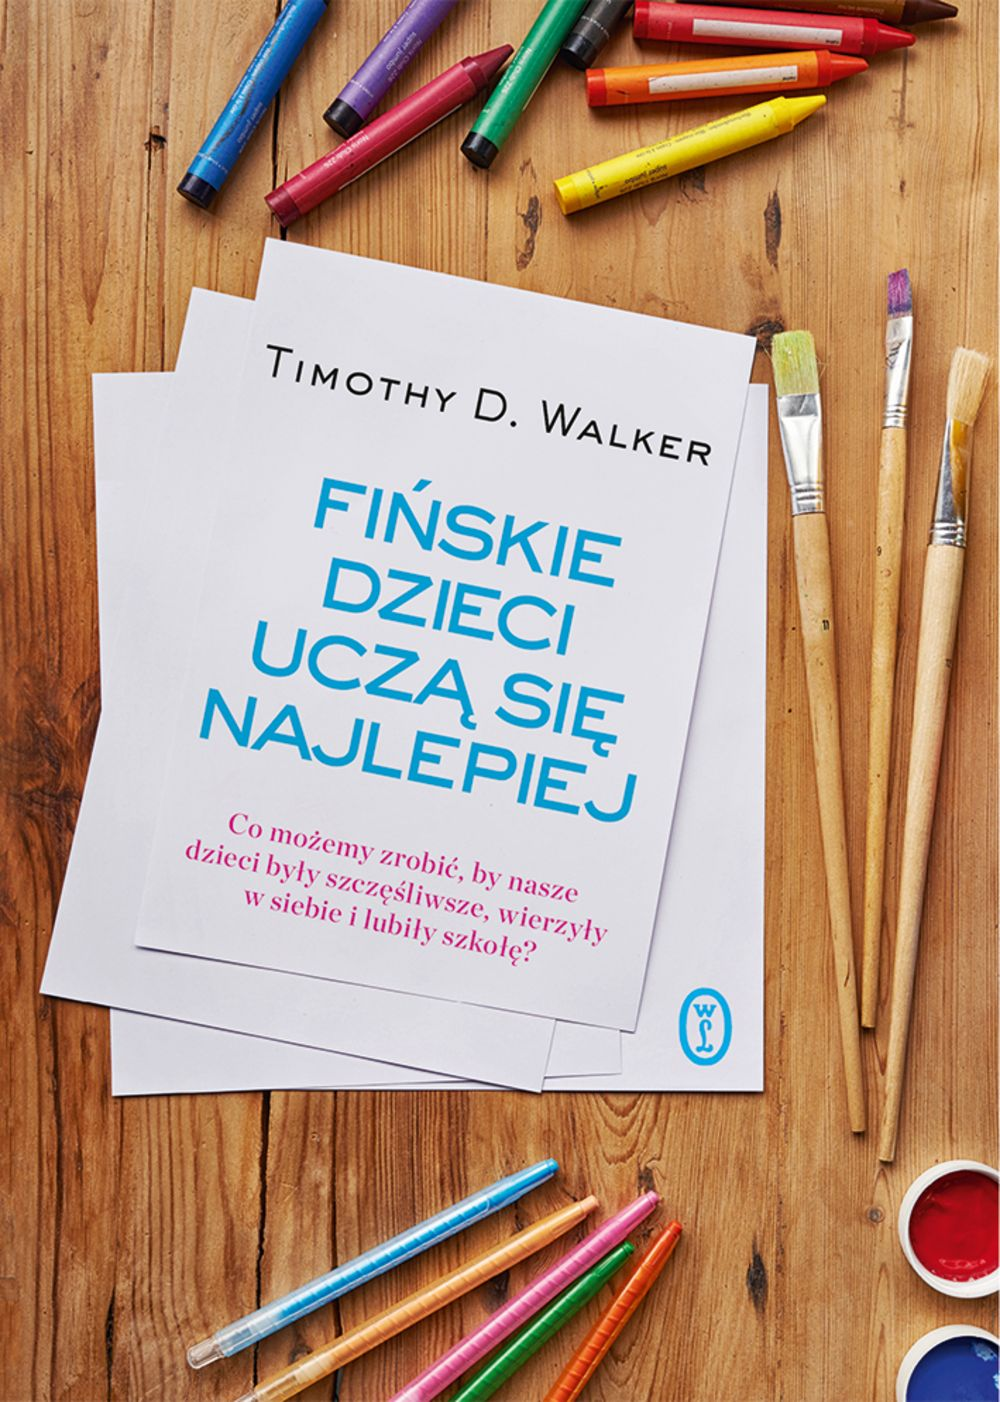 Finskie_dzieci_ucza_sie_najlepiej